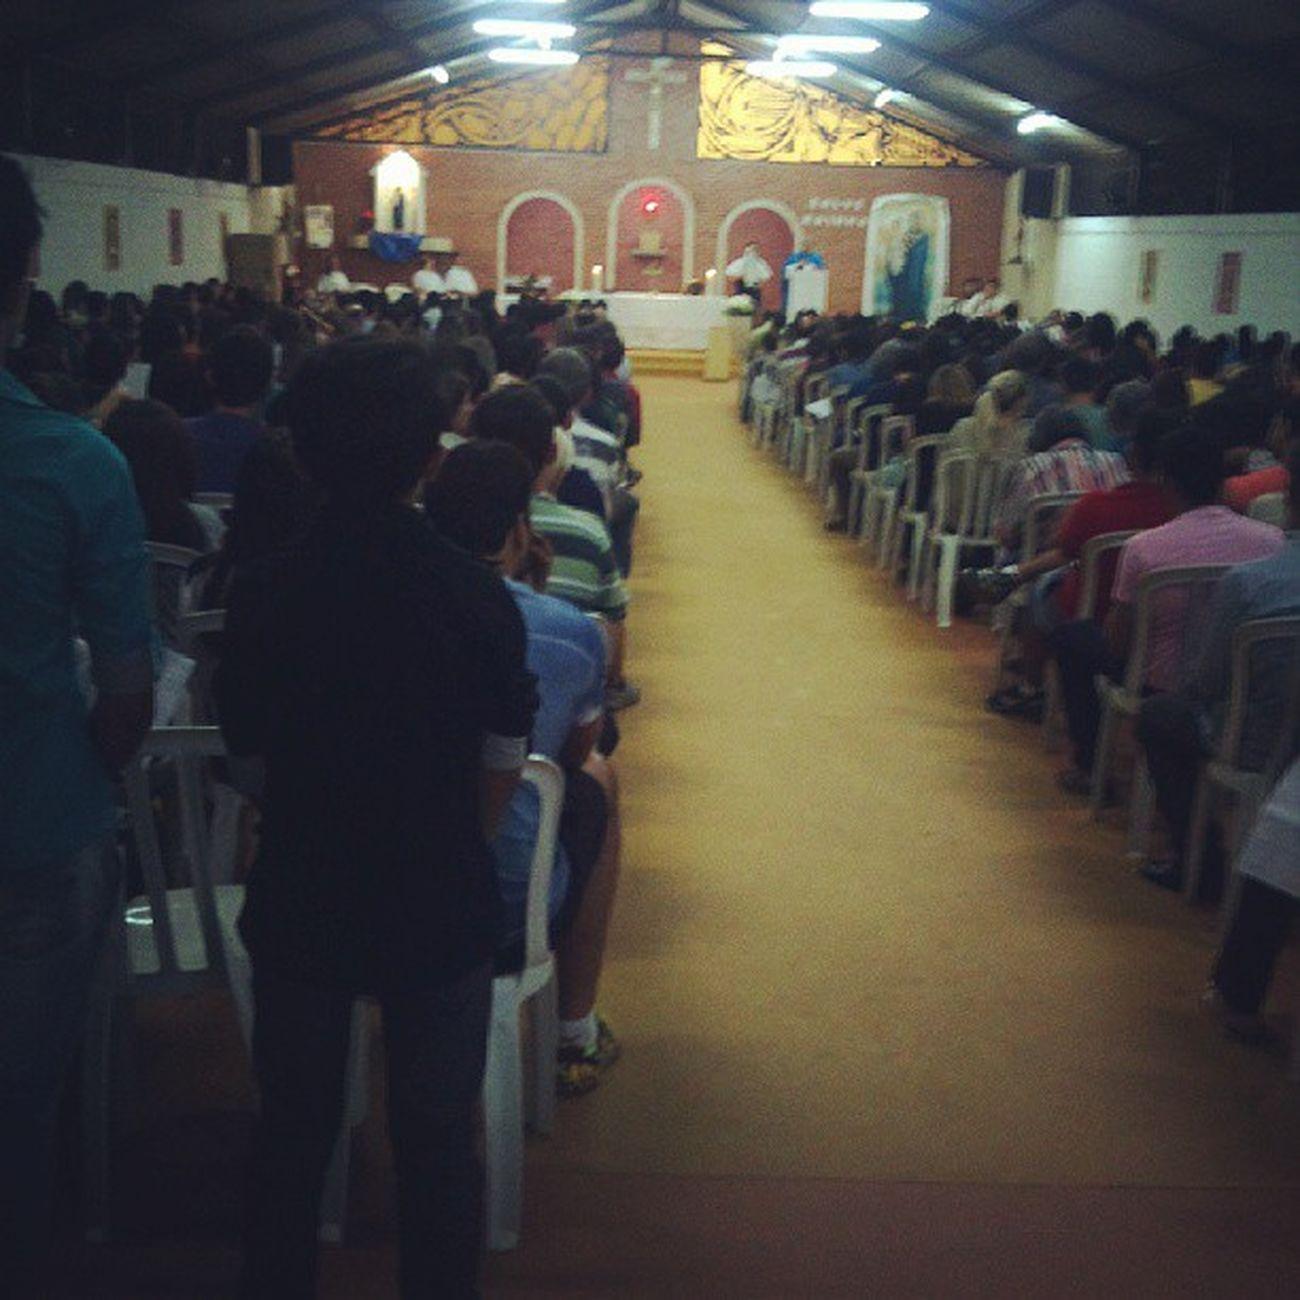 Terceiro dia de festa em louvor a Nossa Senhora Rainha dos Apóstolos, paróquia lotada, novena responsável pelos jovens - crisma.